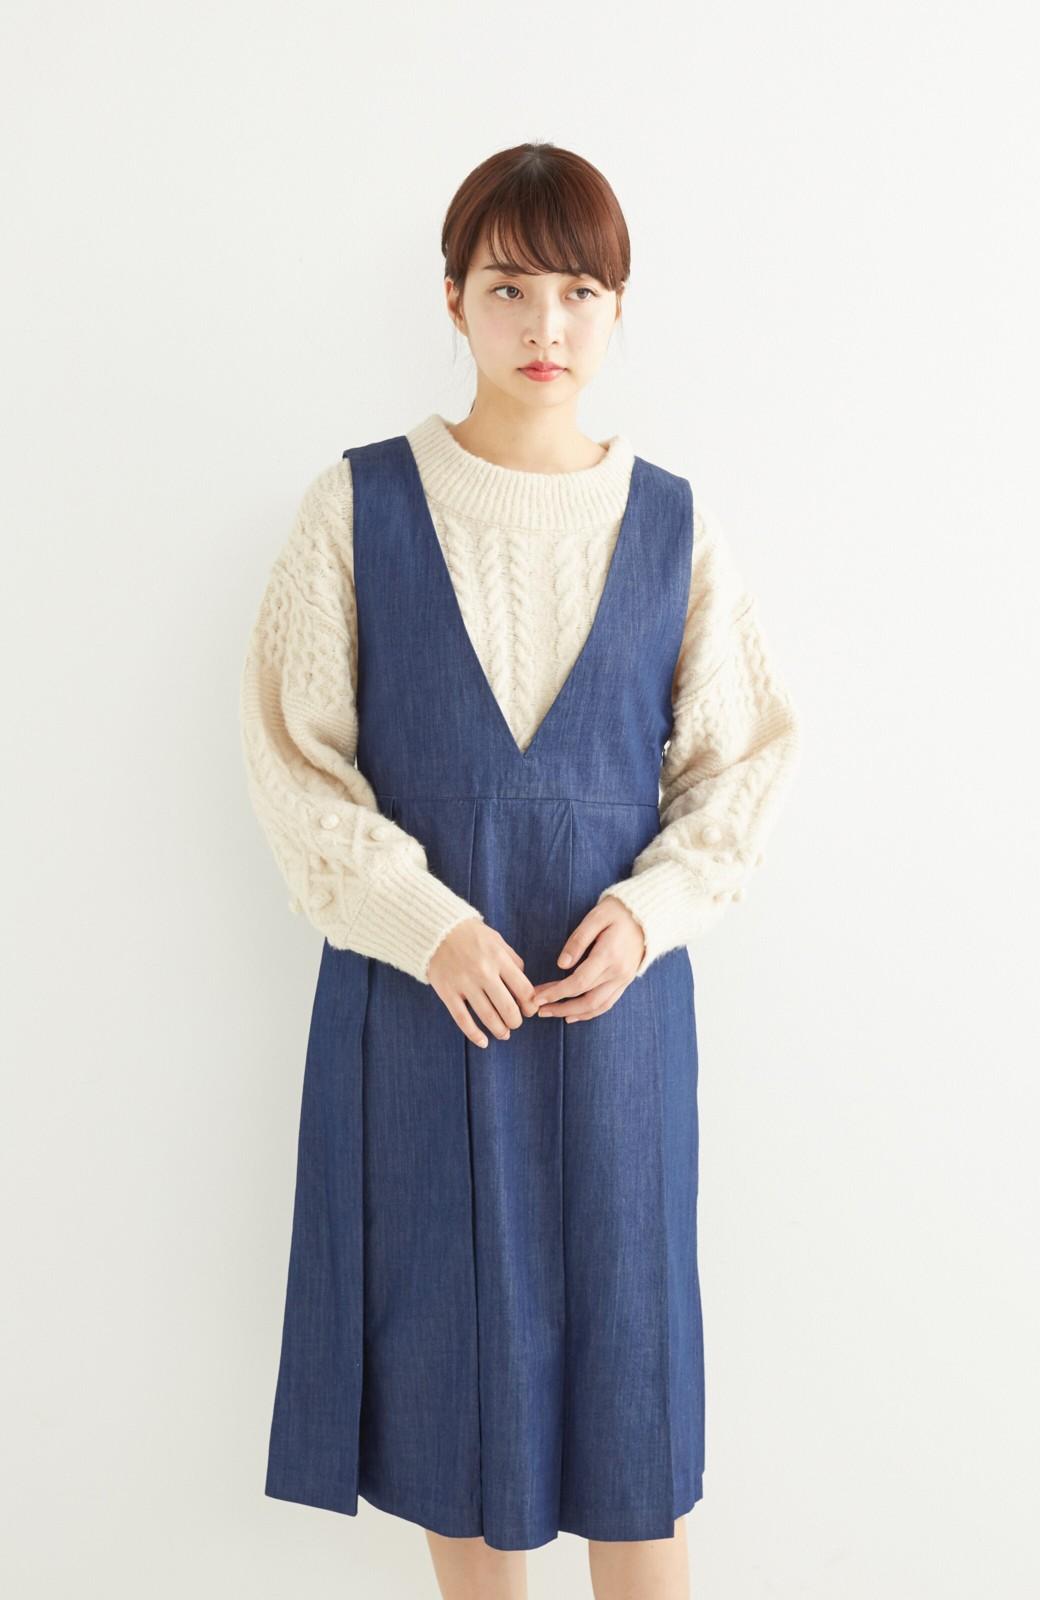 nusy やわらか麻混デニム素材のビッグプリーツジャンパースカート <インディゴブルー>の商品写真9